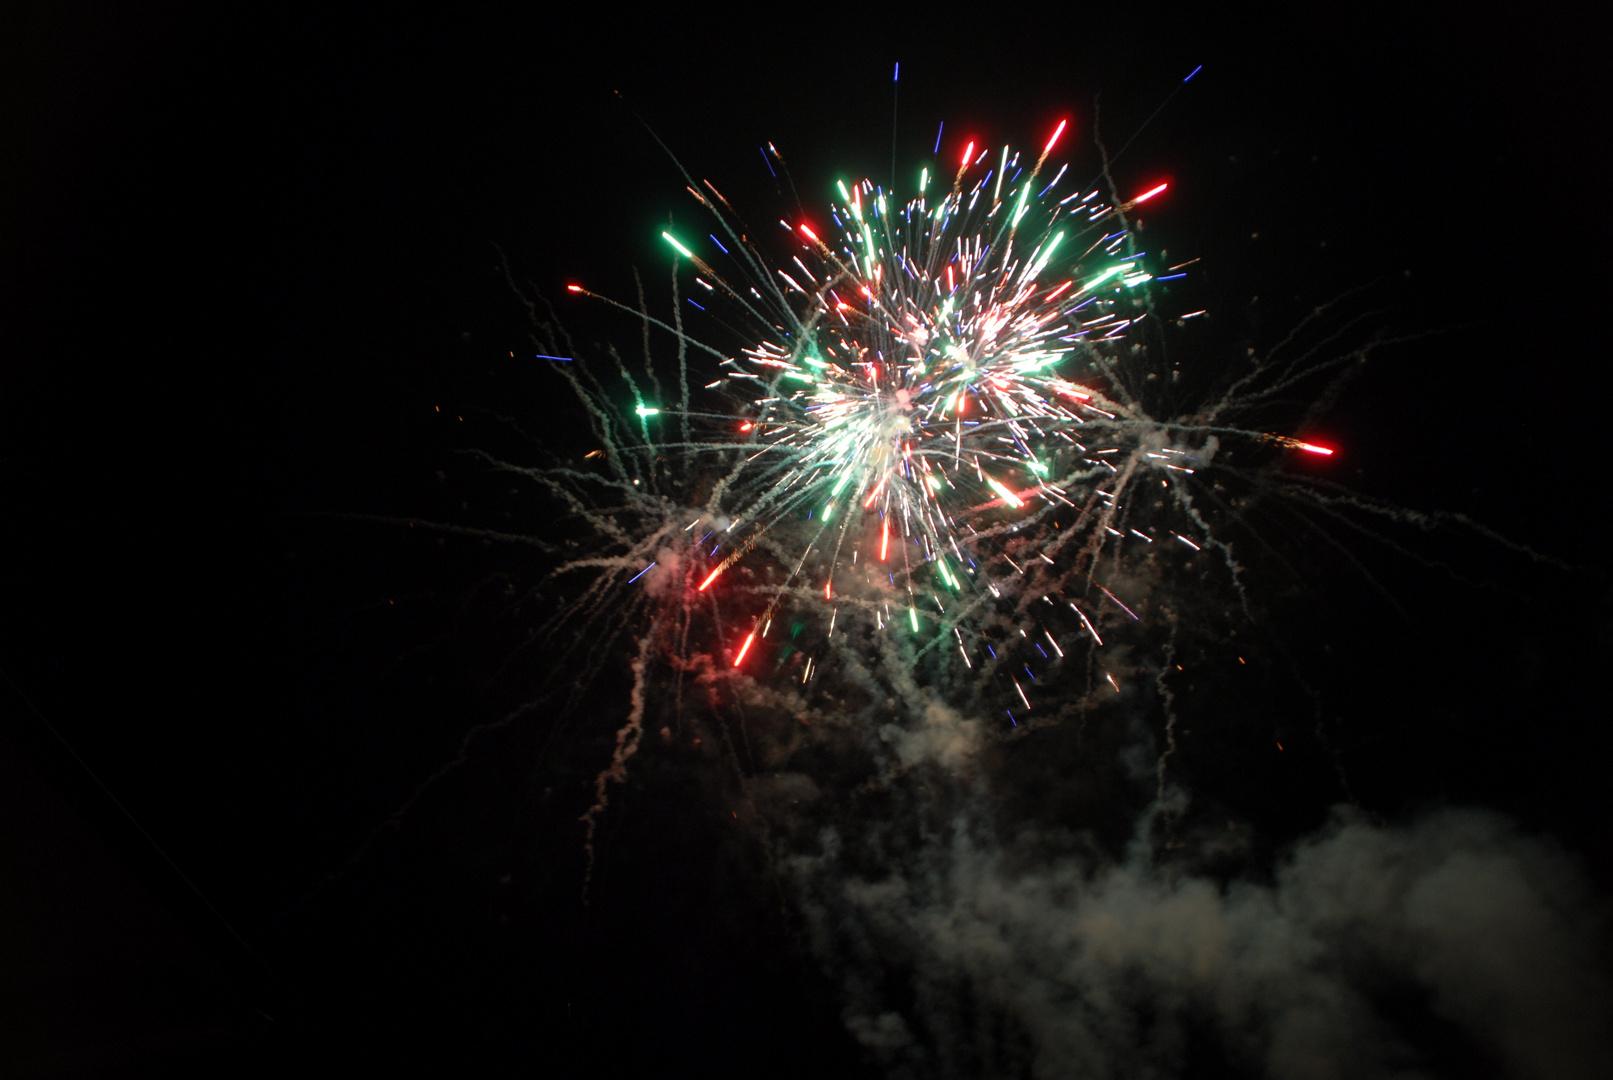 Feuerwerk - mein Lieblings-Hintergrundbild